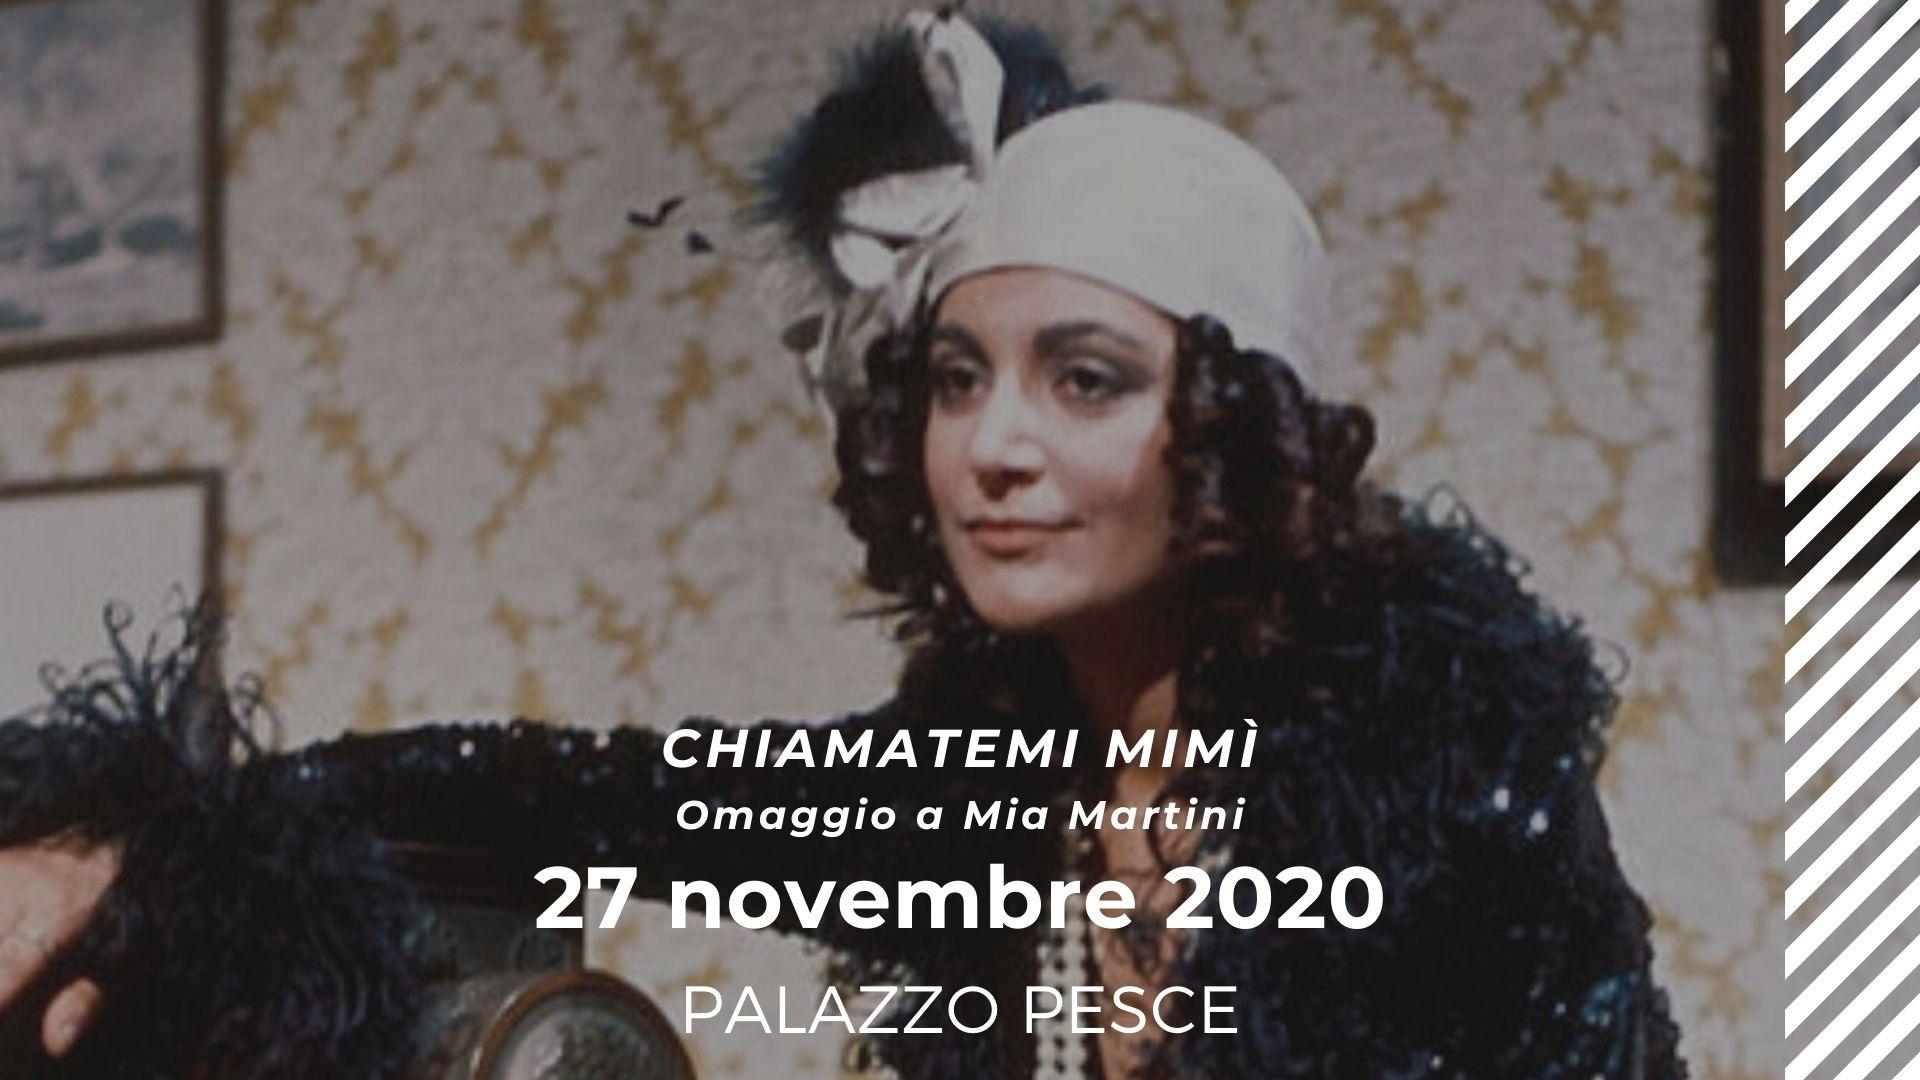 27 novembre Omaggio a Mia Martini a Palazzo Pesce